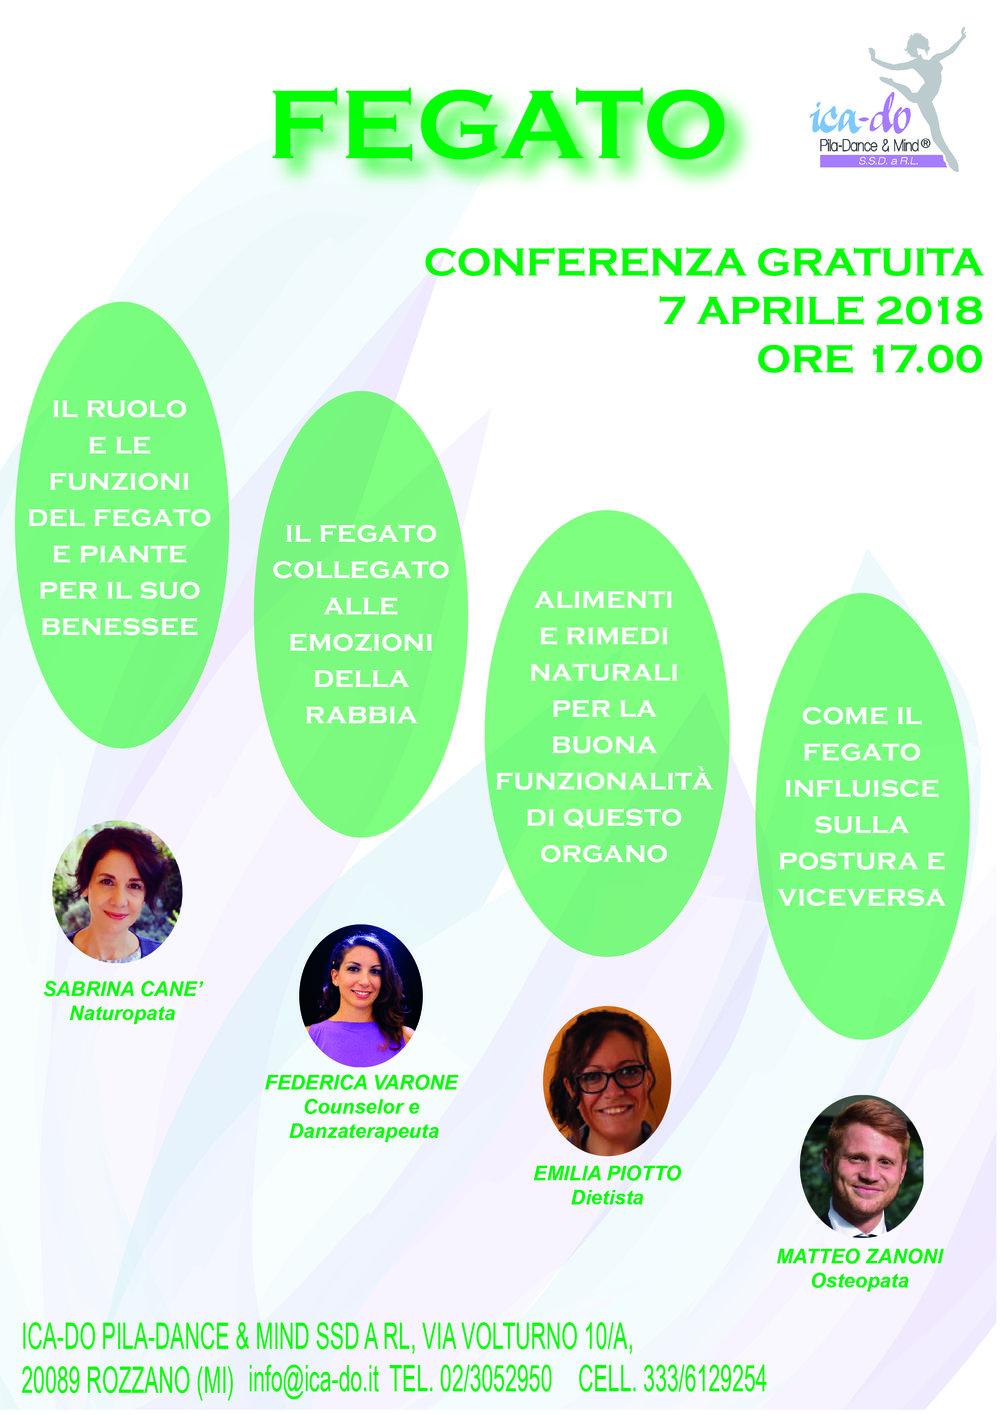 Conferenza-fegato-ica-do